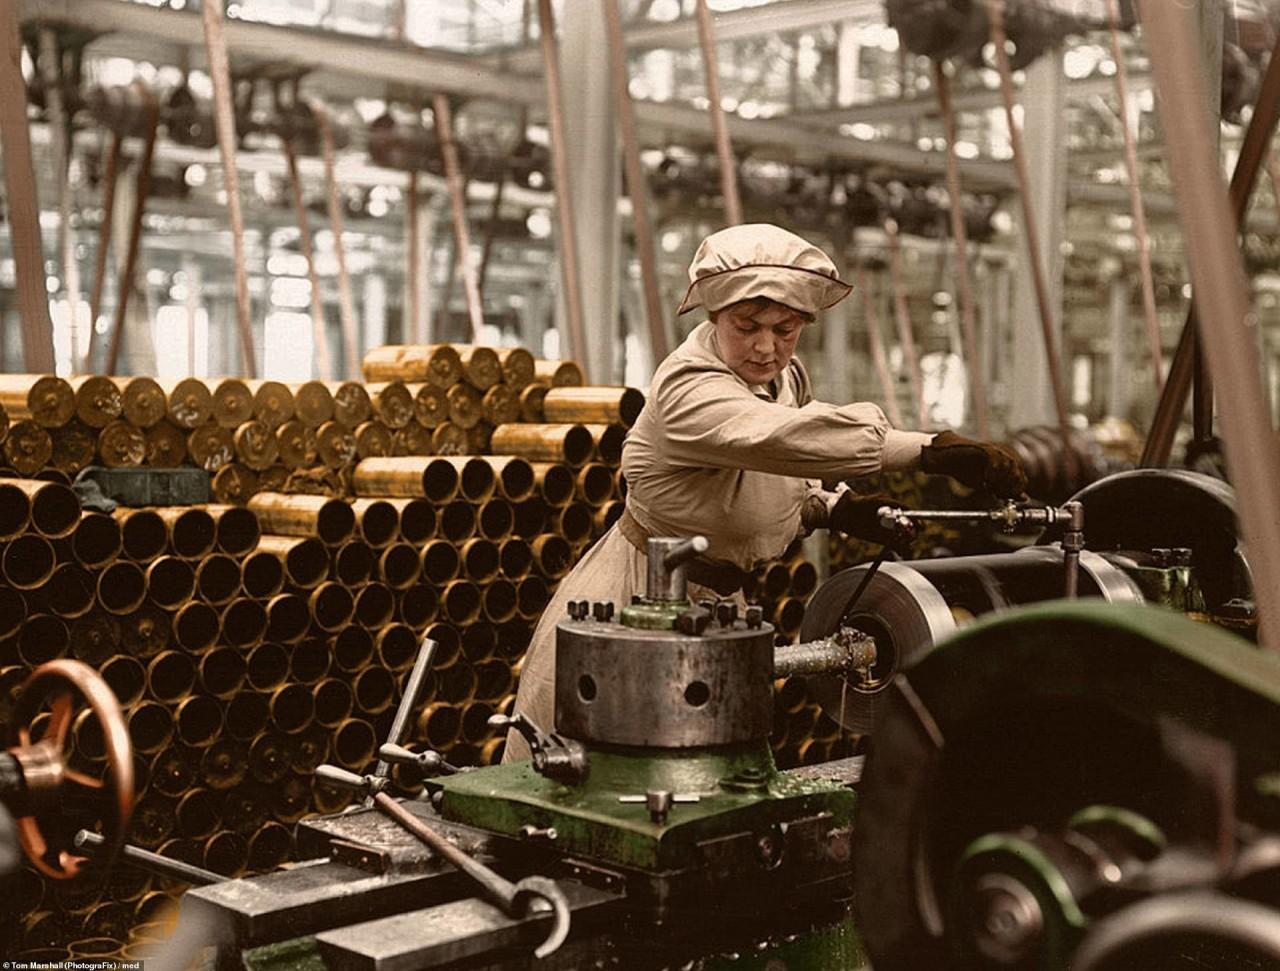 Женщина у станка на военном заводе, Великобритания архивное фото, колоризация, колоризация фотографий, колоризированные снимки, первая мировая, первая мировая война, фото войны